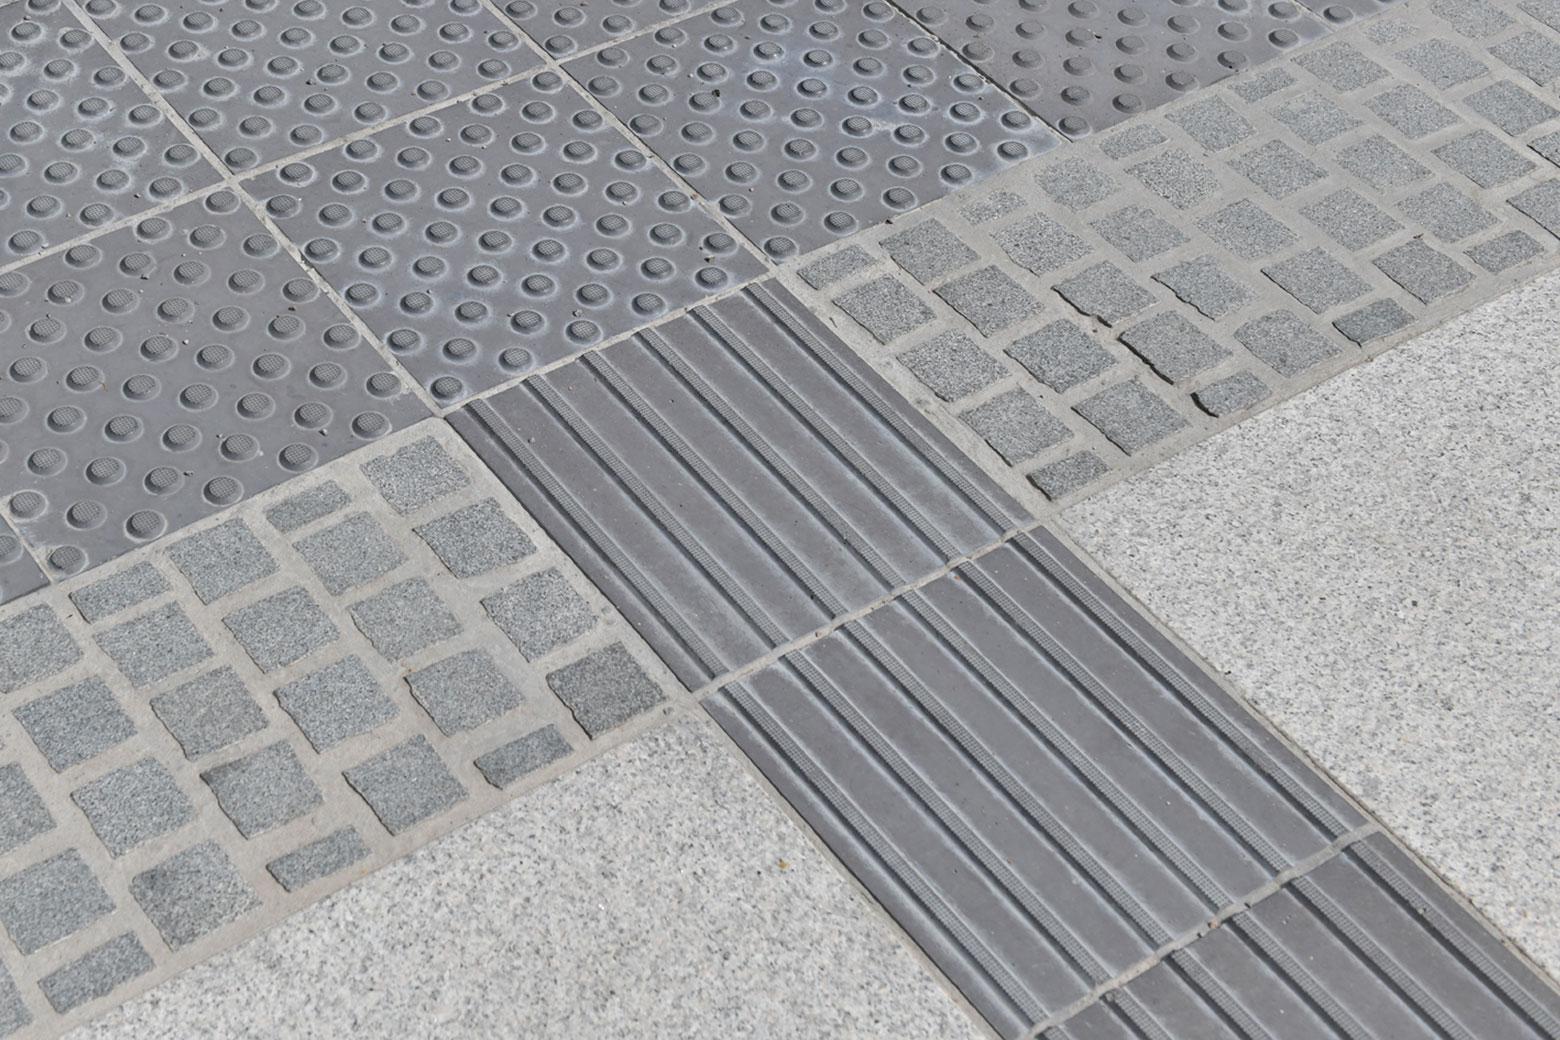 Mit dem integrierten und wasserabweisenden Wegeleitsystem wurden die öffentlichen Flächen vor dem Bayerischen Staatsministerium, München gepflastert. Dabei kam SAKRET Steinverguss ZPF und drainfähiger Pflasterbettungsmörtel zum Einsatz.